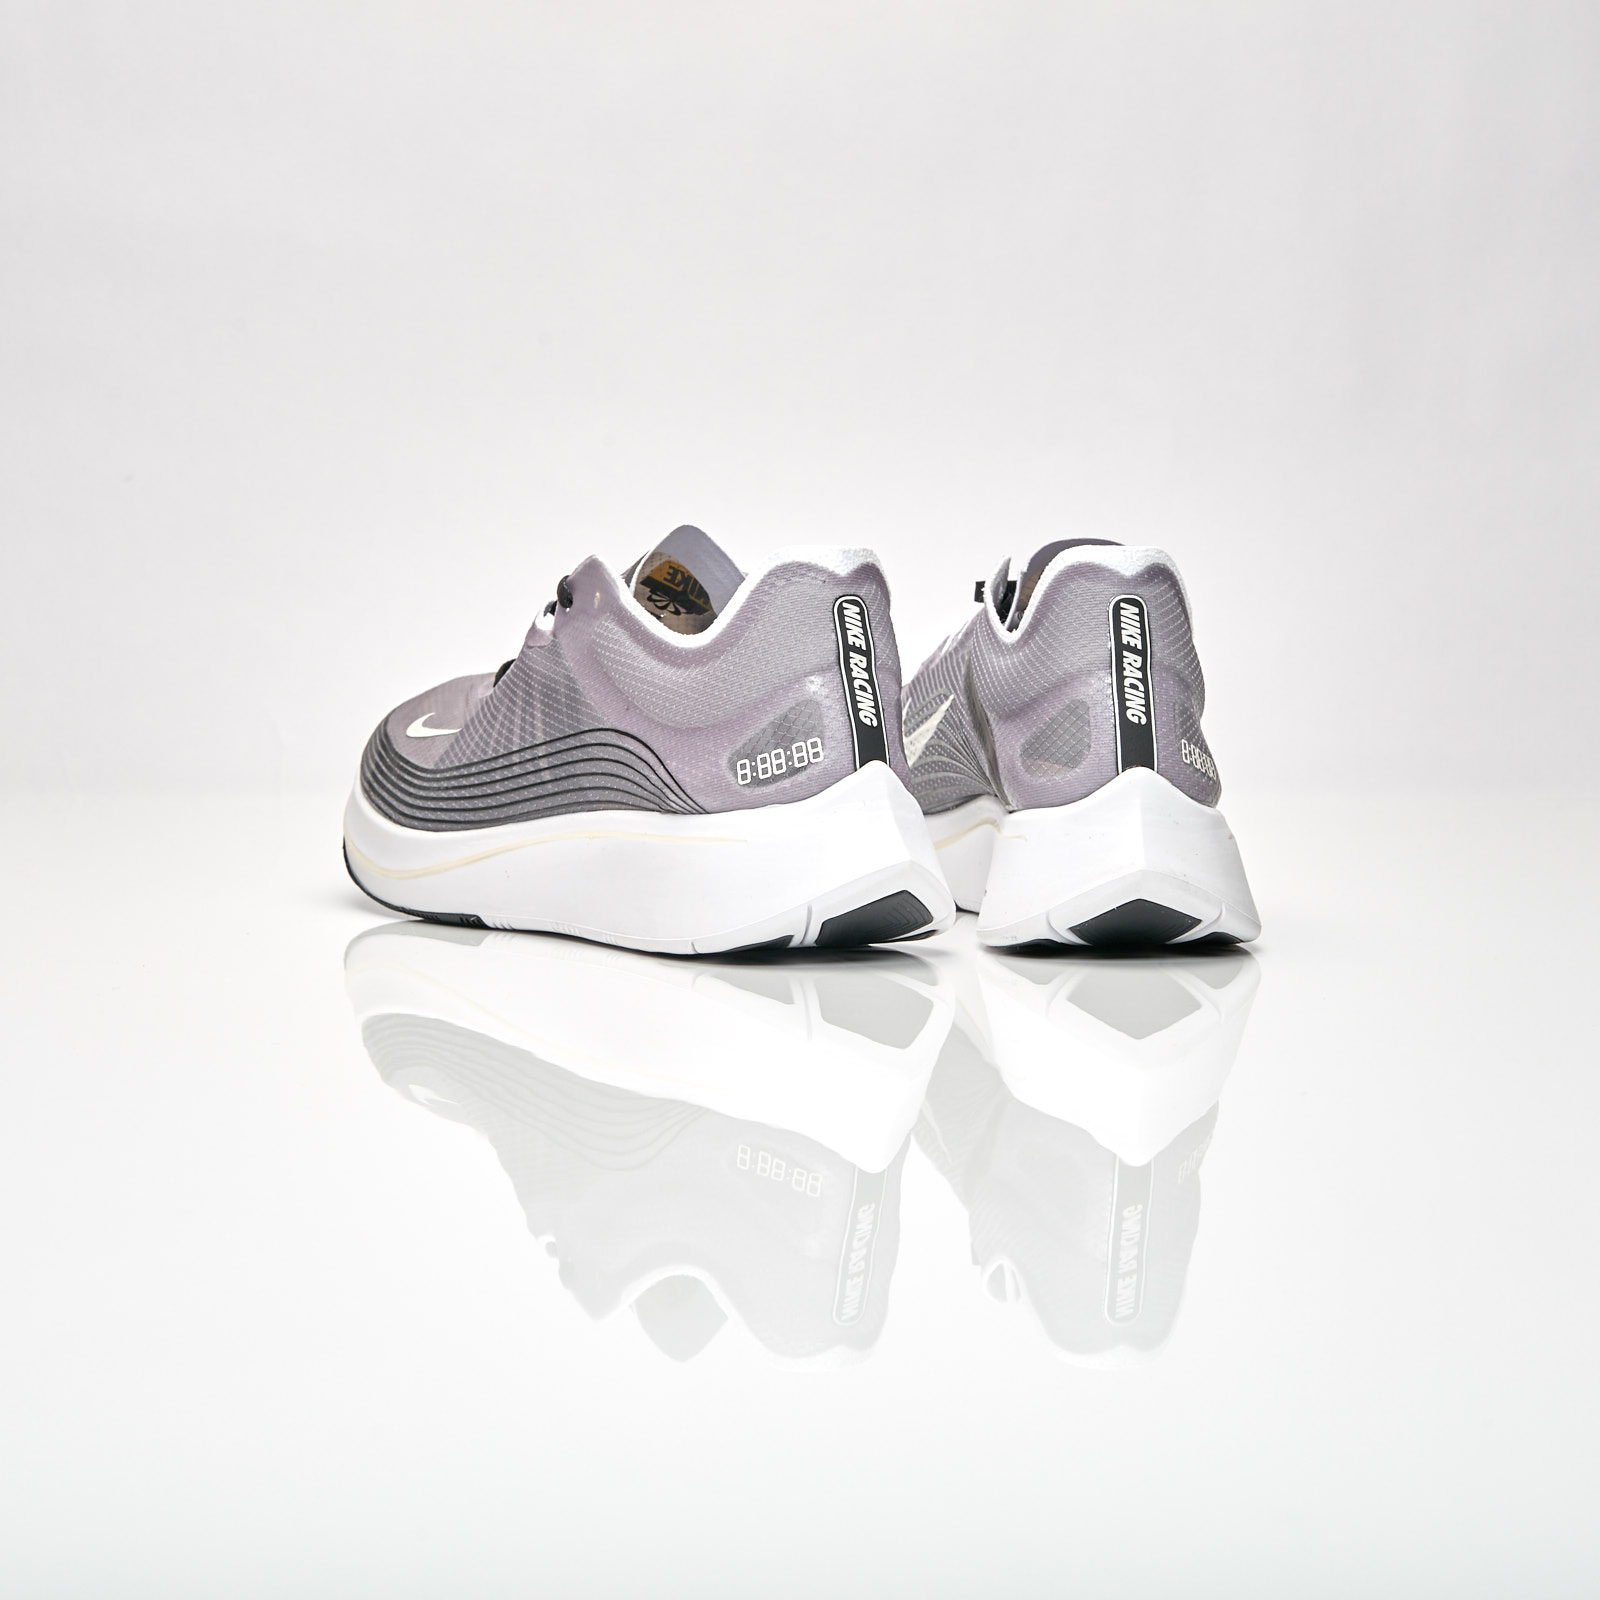 f29e1957b03 Nike Zoom Fly SP - Aj9282-001 - Sneakersnstuff